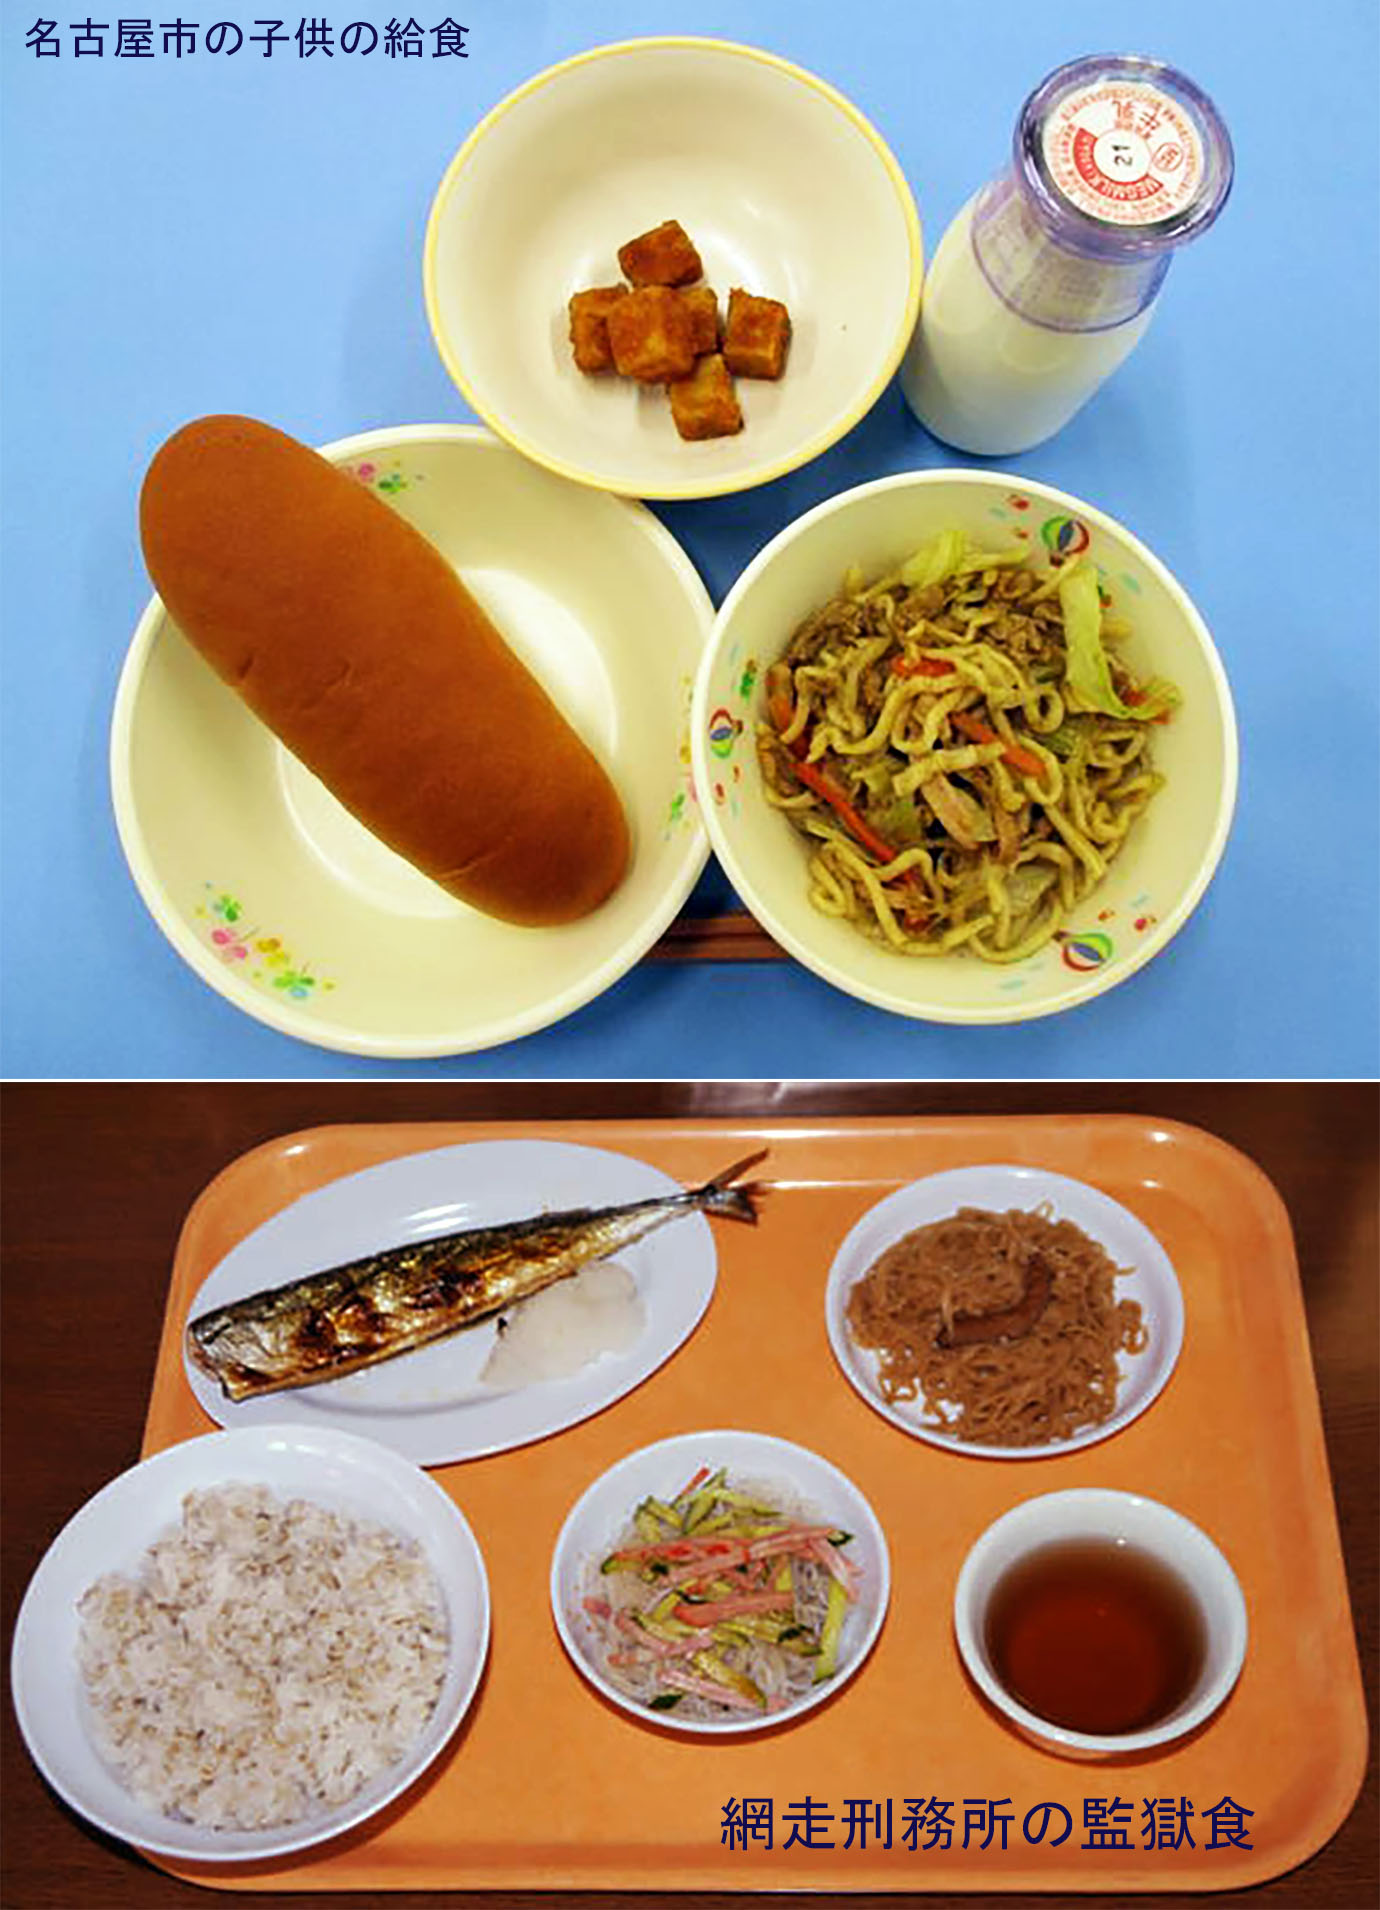 【炎上】名古屋の学校給食が刑務所の監獄食よりも粗末だと大炎上。全国から怒りの声「名古屋は子供を大切にしない町」